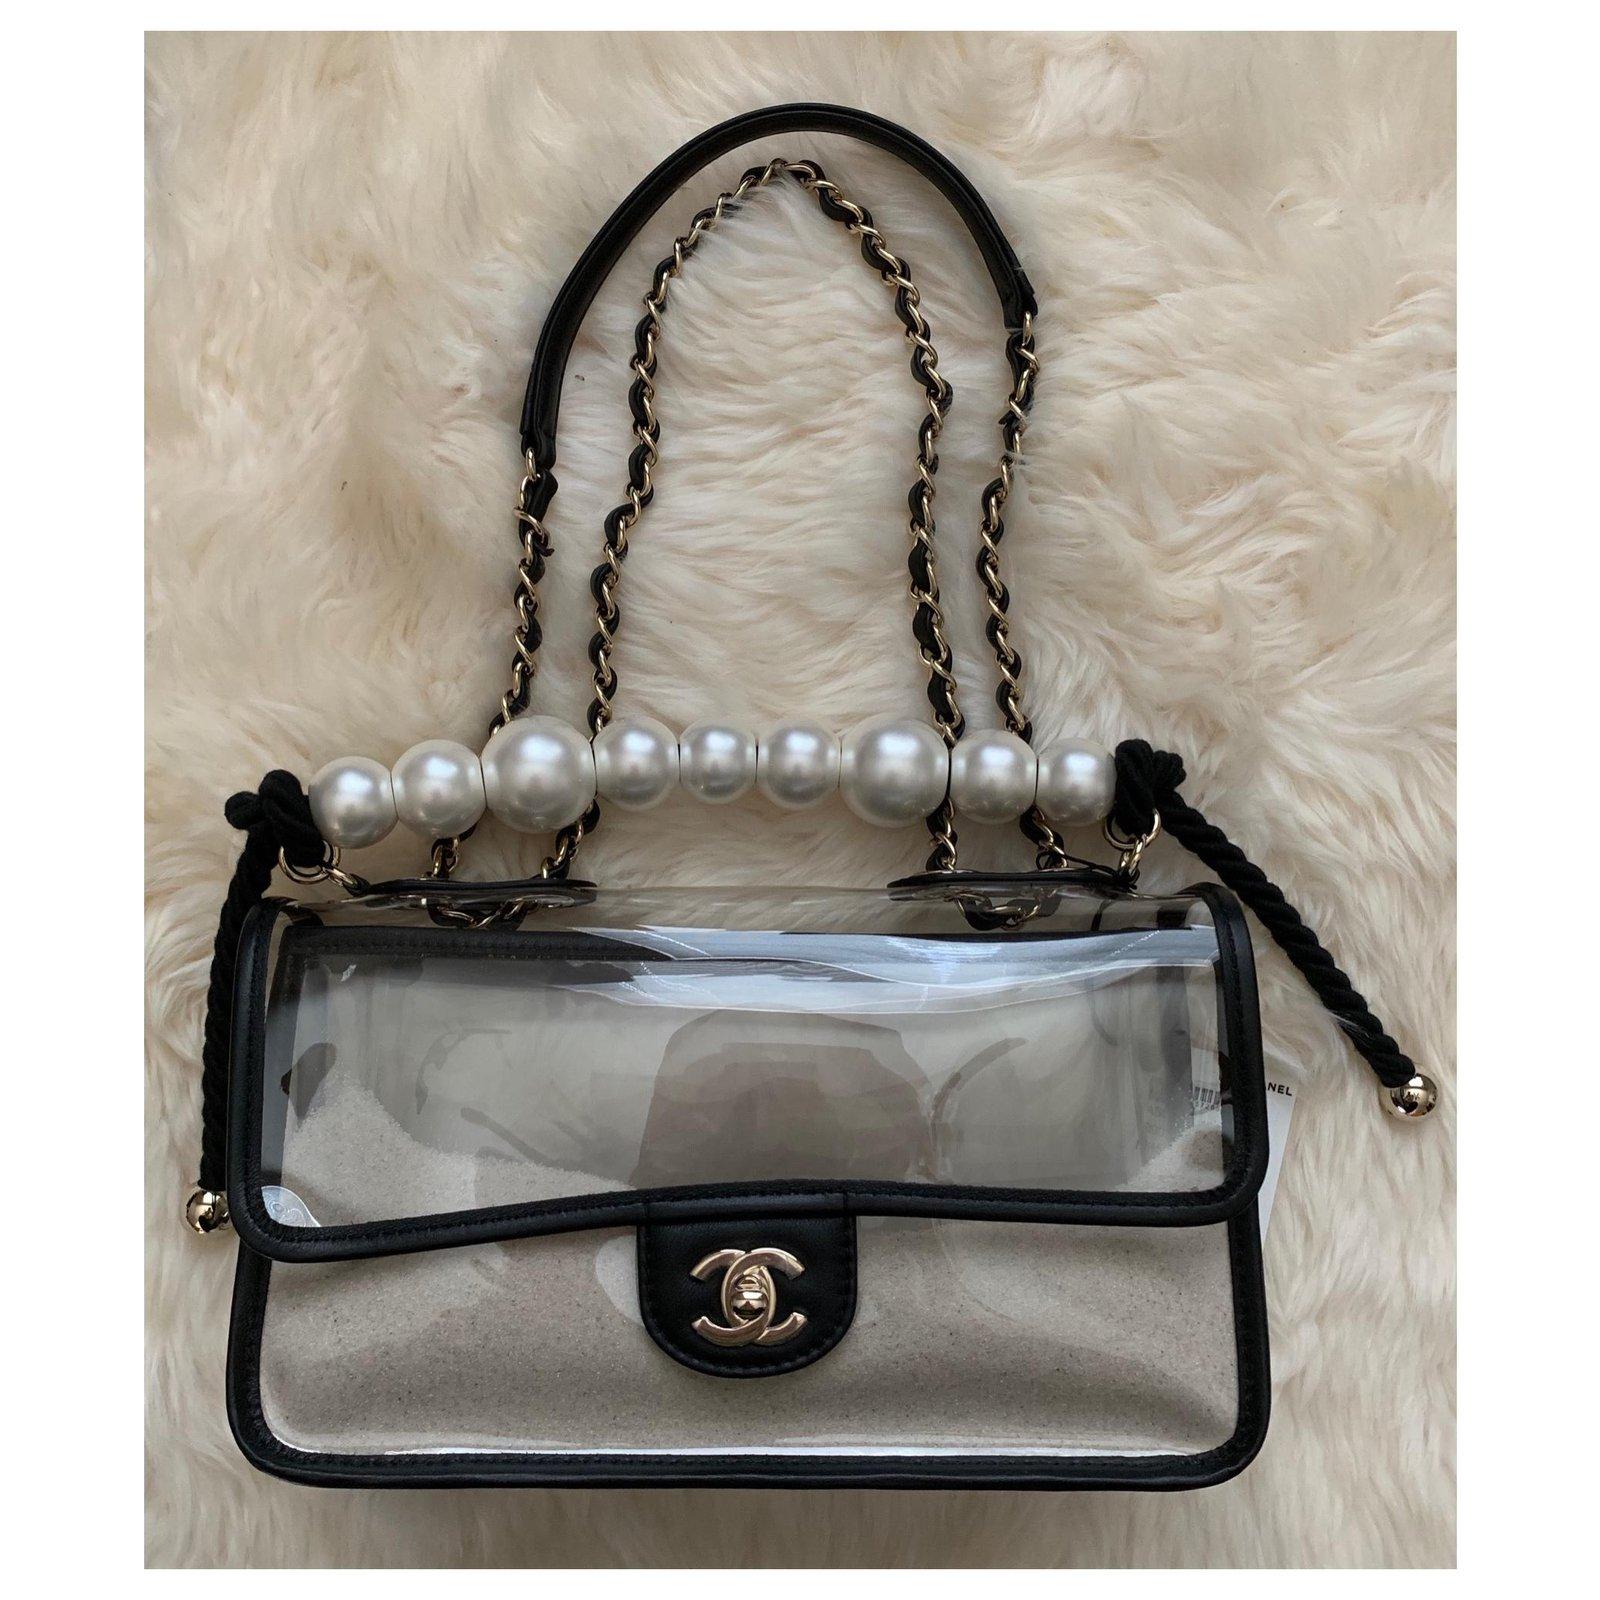 88d4d651f669e6 Chanel Coco Sand PVC Flap Bag Handbags Plastic Black ref.117203 - Joli  Closet